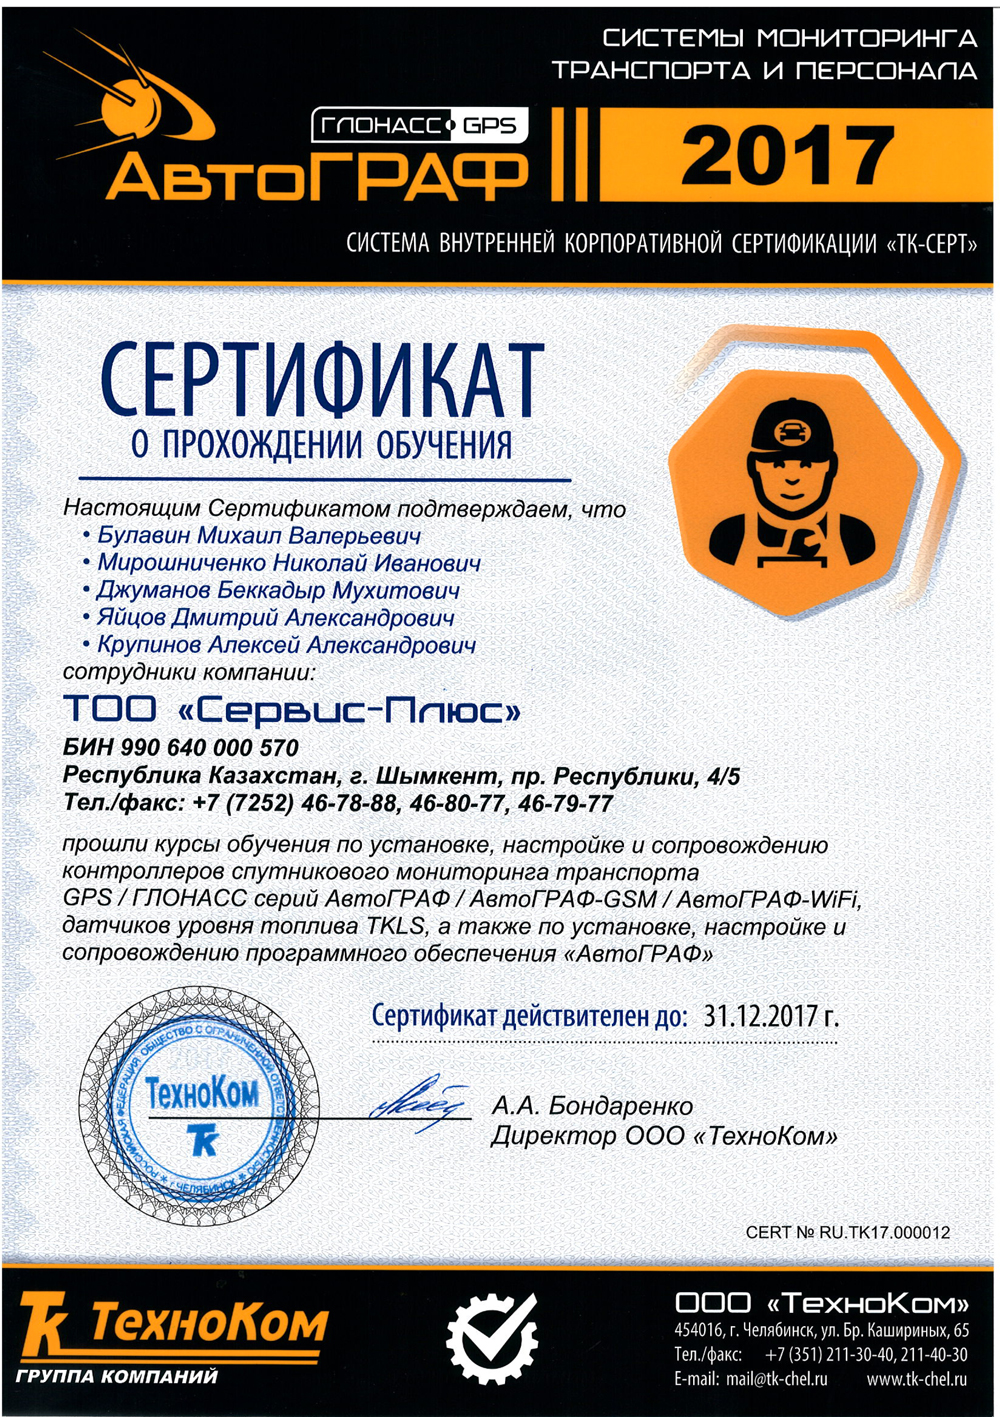 Сертификат обучения специалистов по системе «АвтоГРАФ» 2015 год